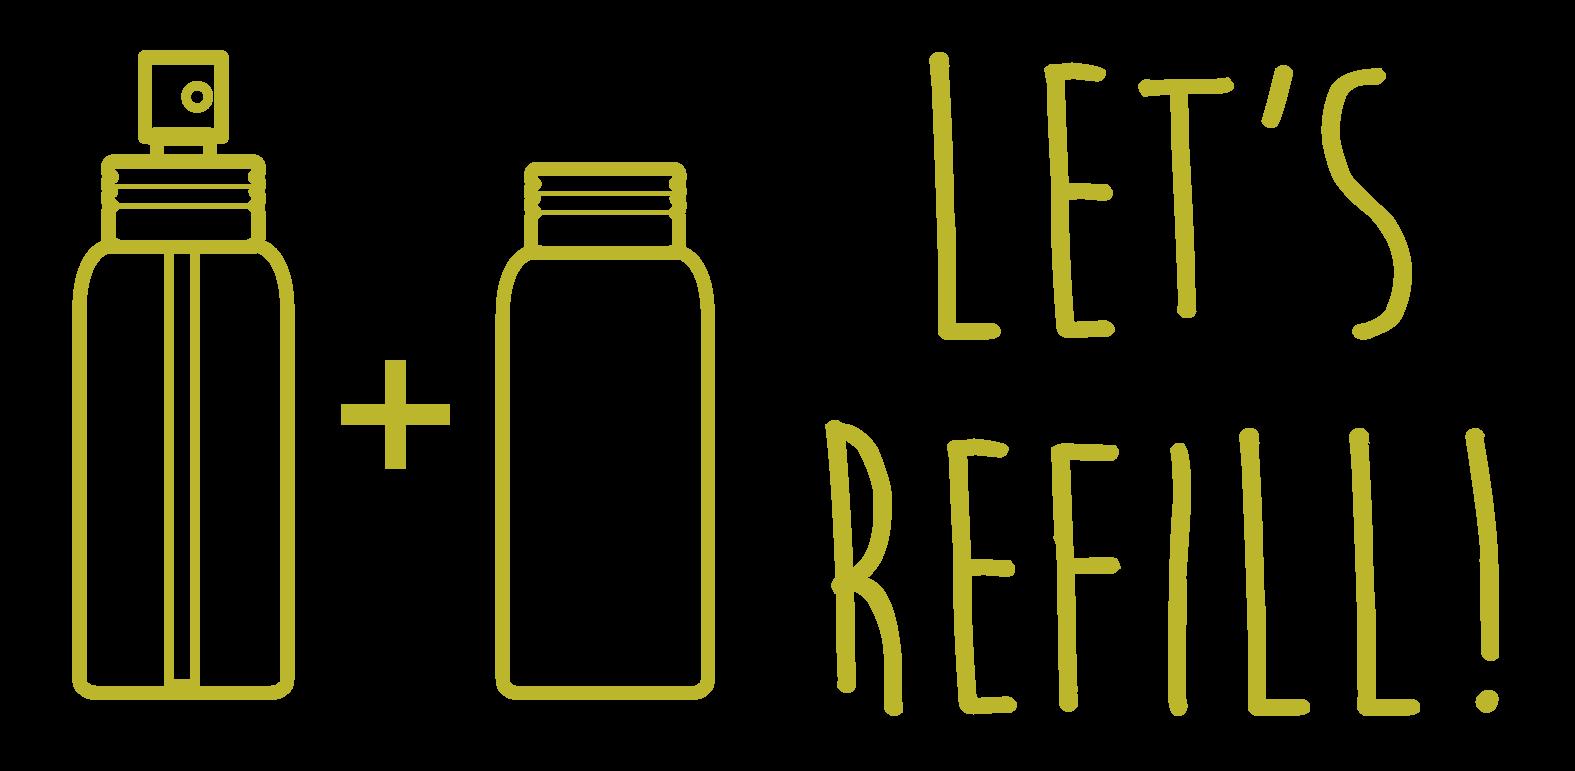 let's-refill---logo-potentilla